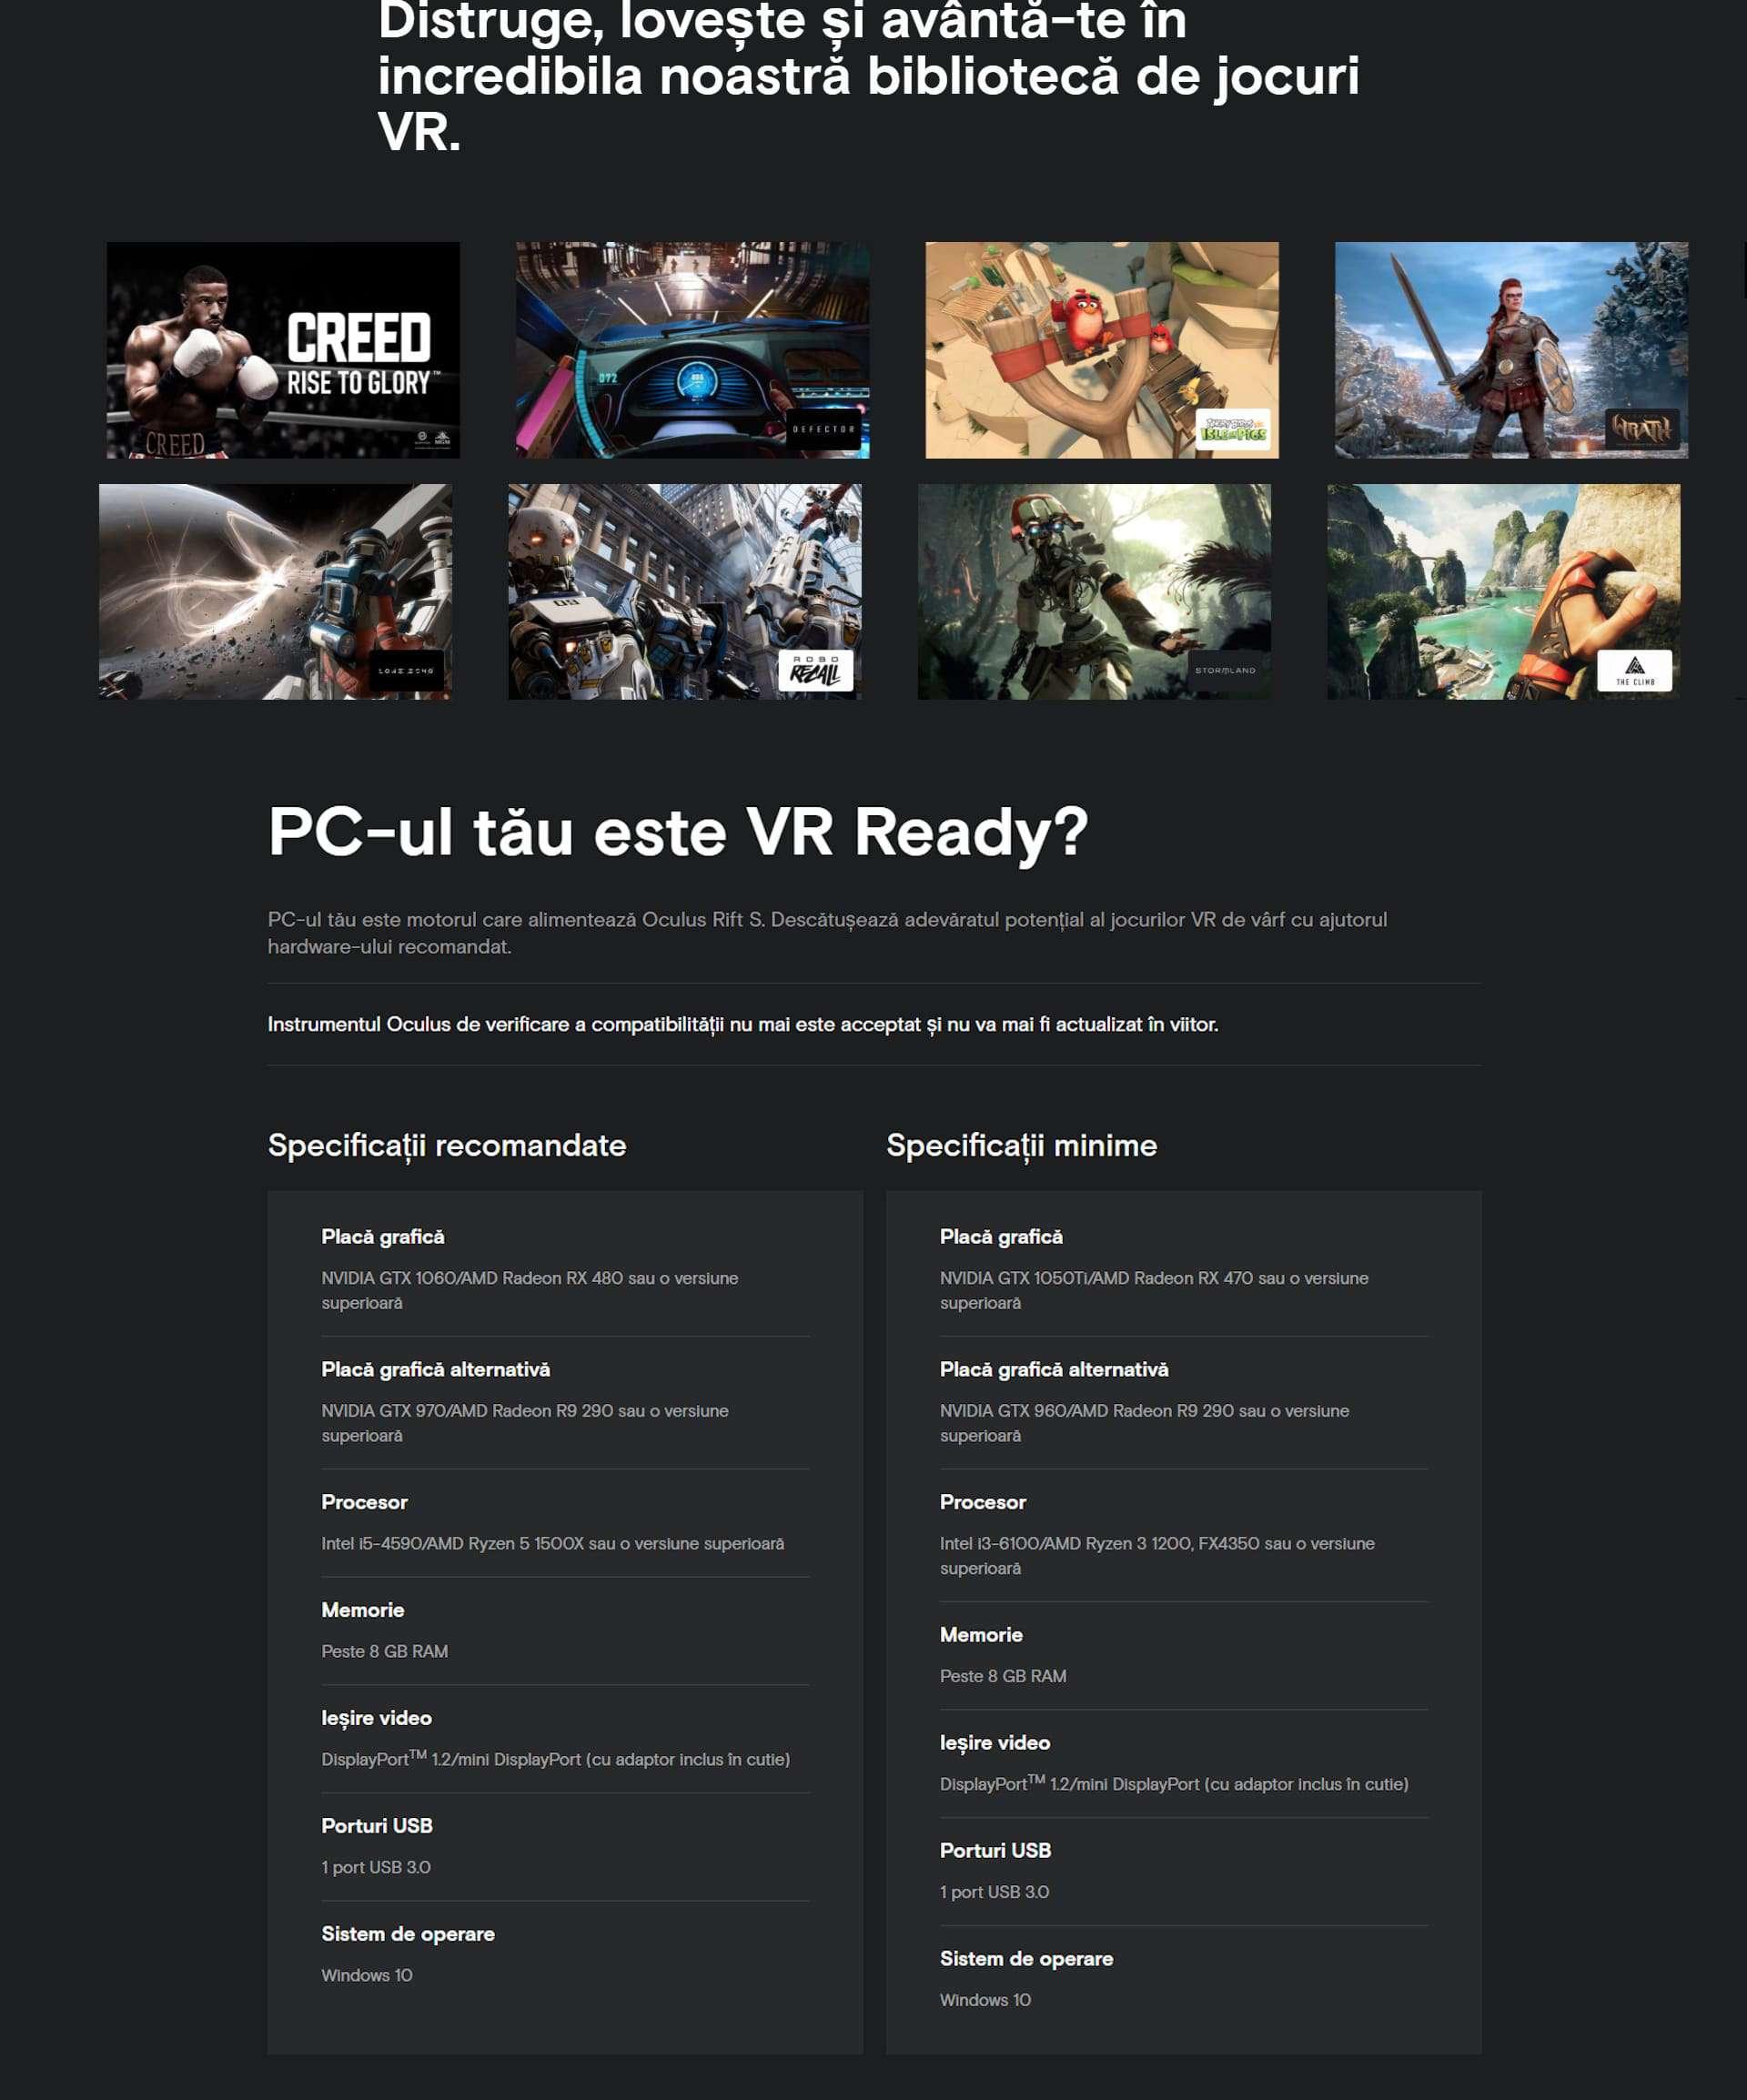 jocuri-vr-pentru-oculus-rift-s-pc-si-compatibilitate-pc-componente-necesare-gaming-vr